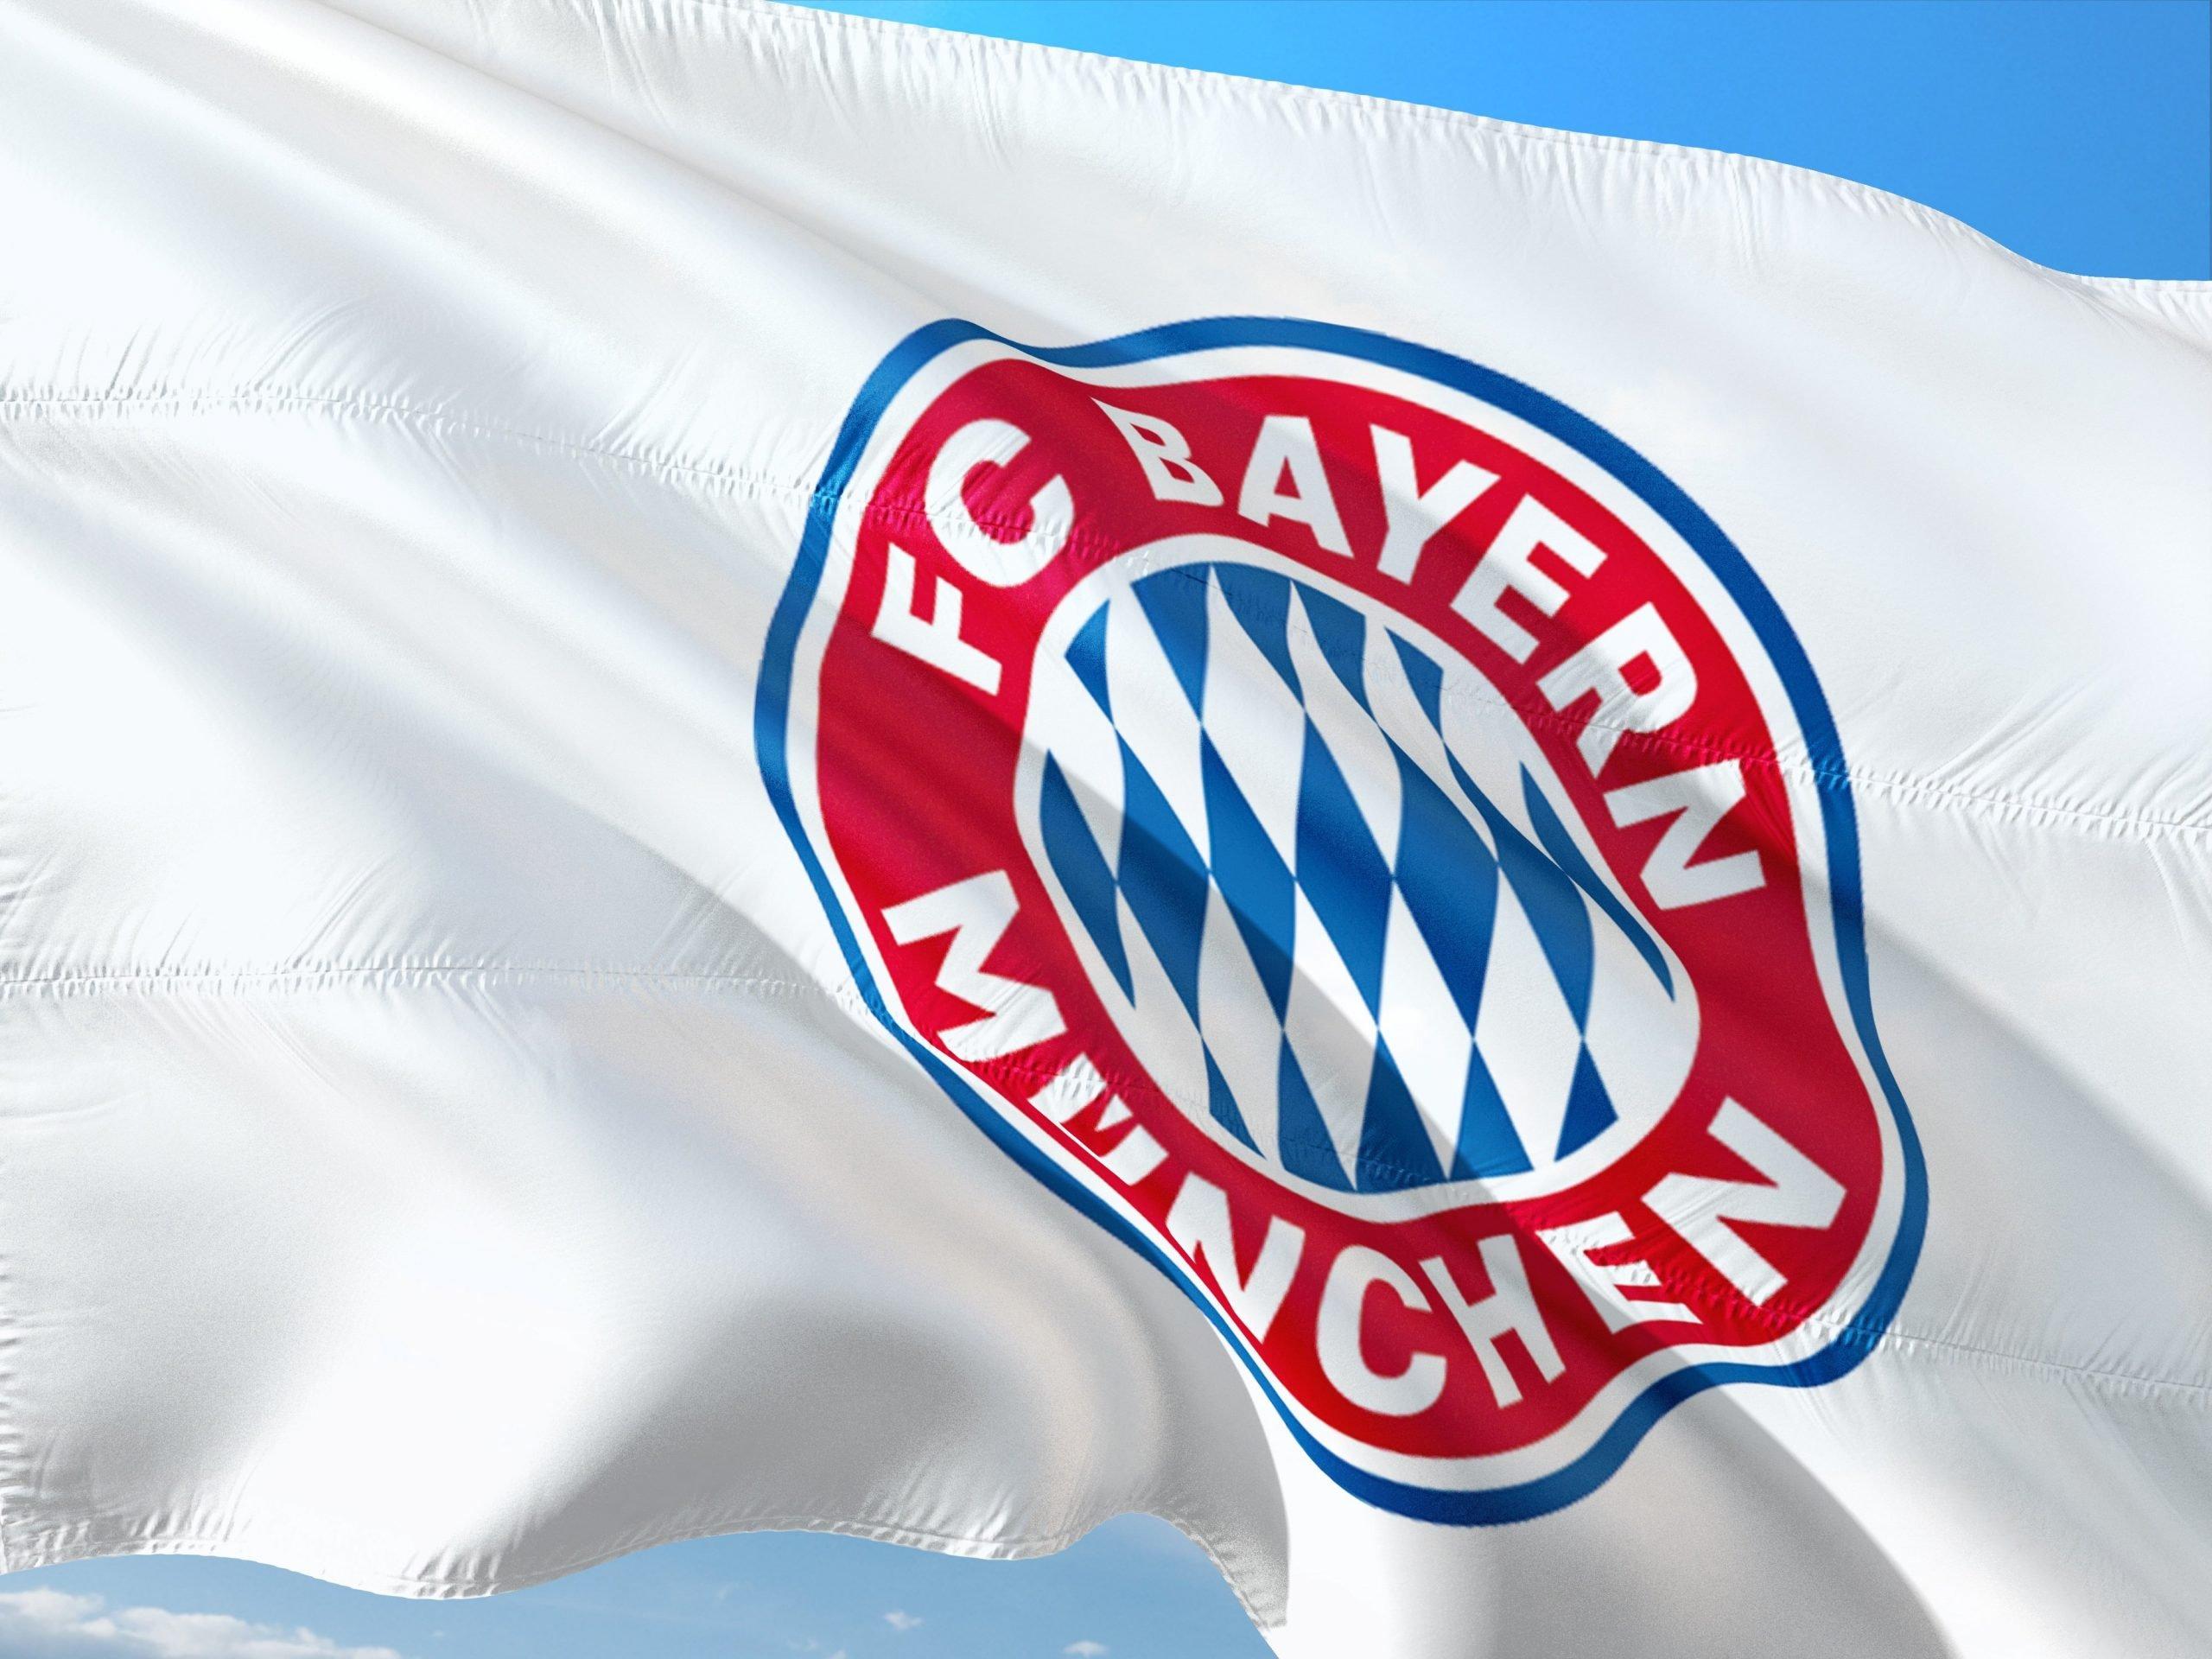 https://pixabay.com/de/photos/fu%C3%9Fball-soccer-europe-europa-uefa-2697618/?download